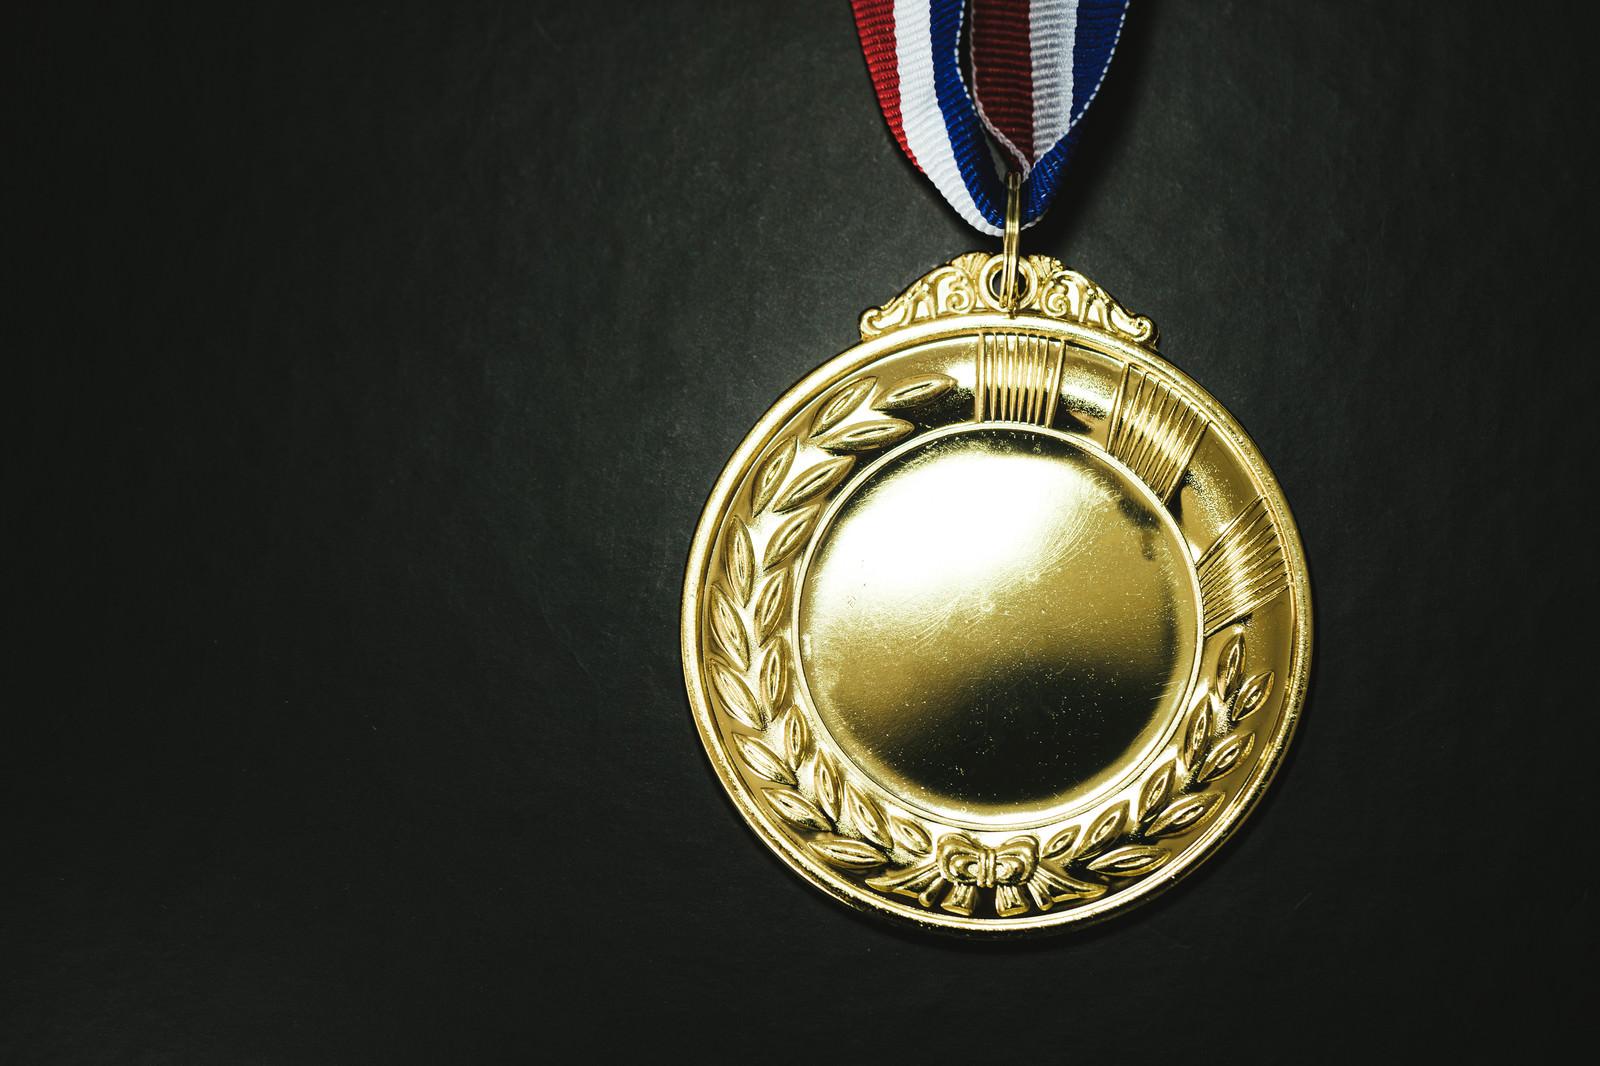 「最も優秀な成績を残した者に授与される金メダルと」の写真